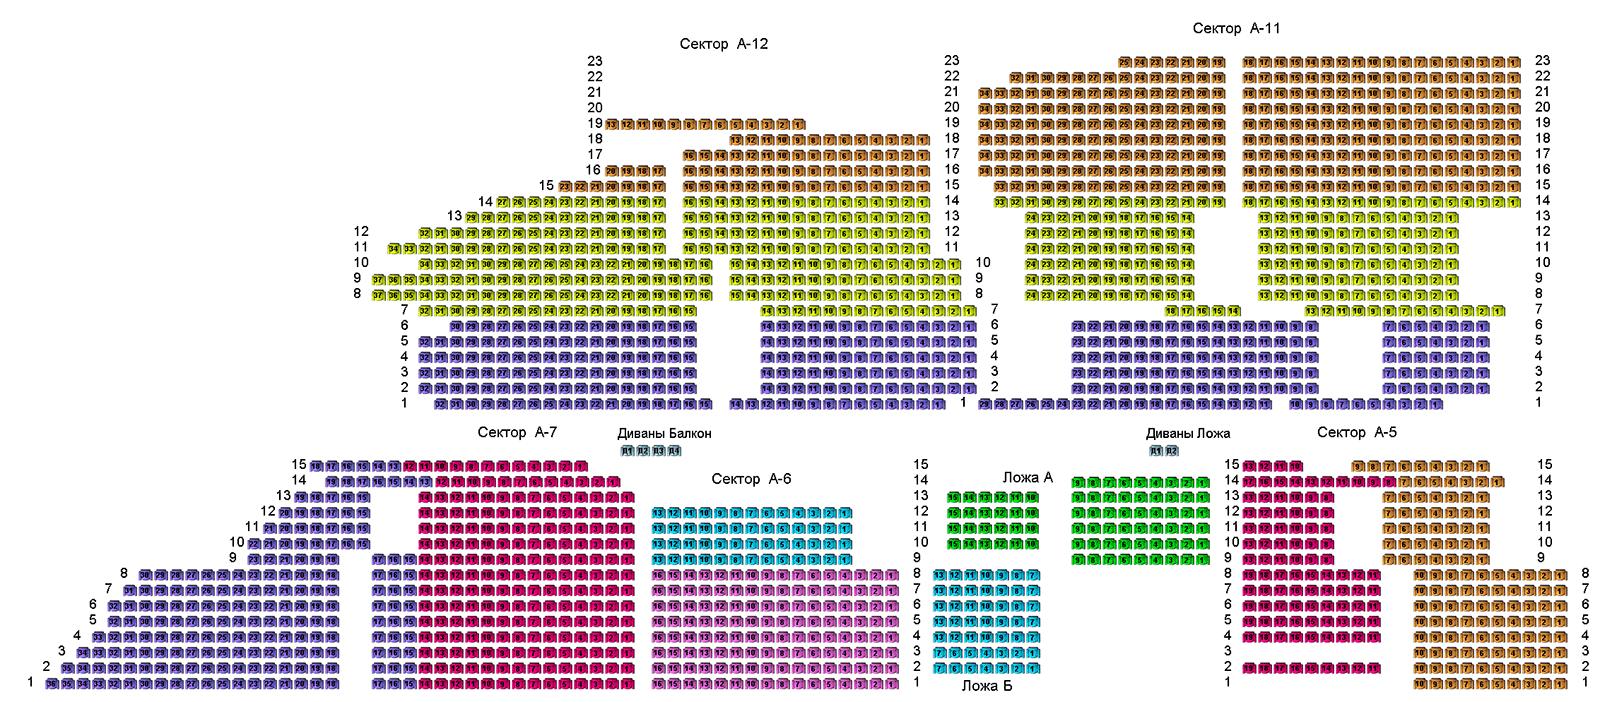 Схема лужников по секторам с местами